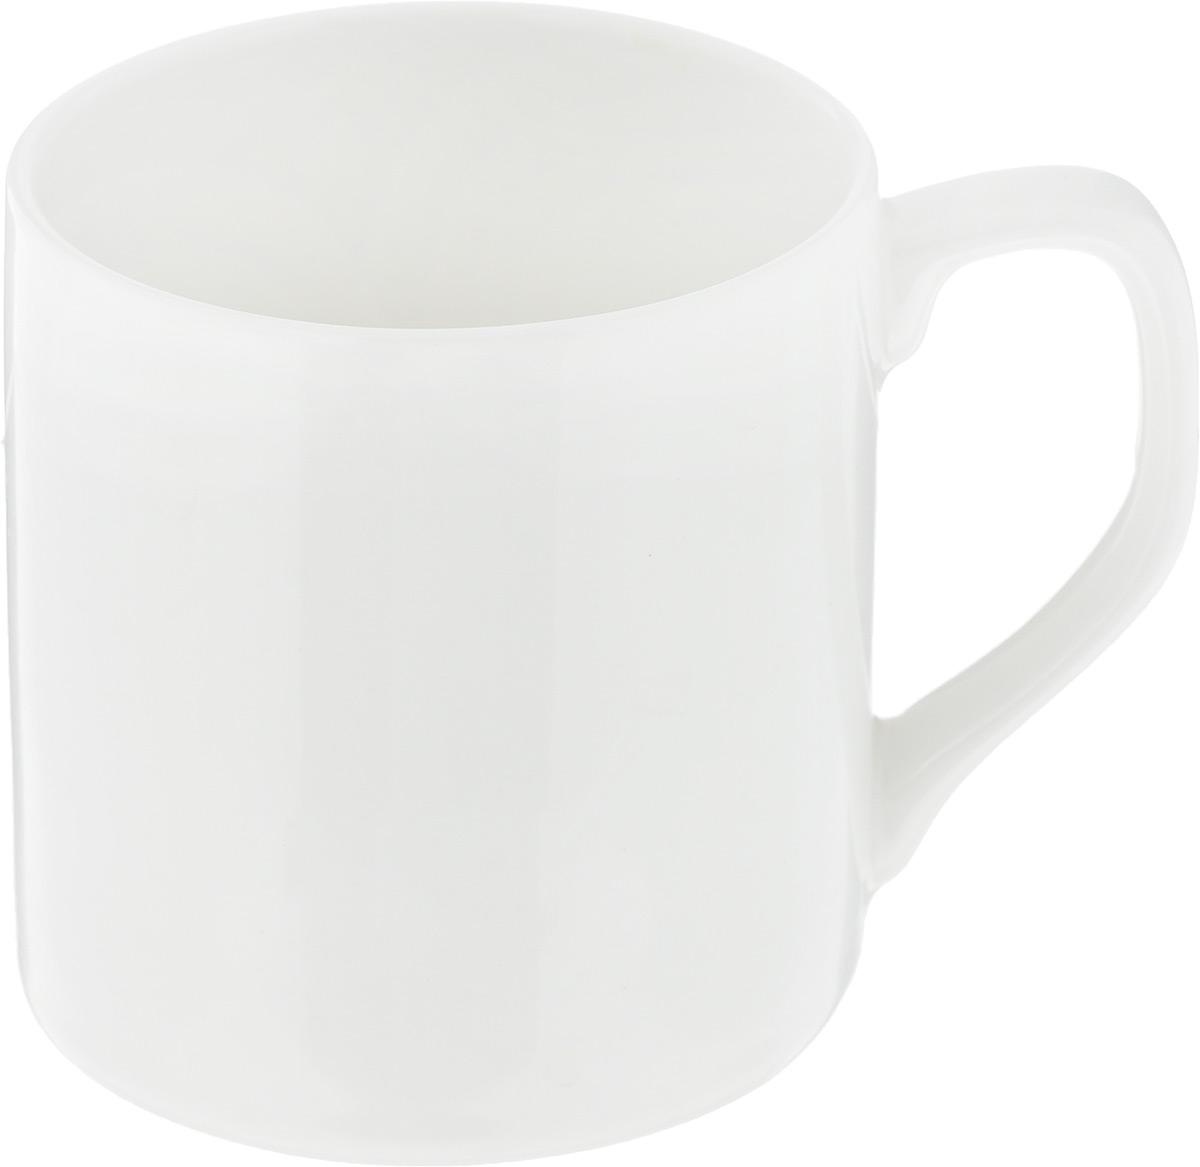 Чашка чайная Ariane Джульет, 200 мл. AJLARN53020AJLARN53020Чайная чашка Ariane Джульет выполнена из высококачественного фарфора с глазурованным покрытием. Изделие оснащено удобной ручкой. Уникальный состав сырья, новейшие технологии и контроль качества гарантируют: снижение риска сколов, повышение термической и механической прочности, высокую сопротивляемость шоковым воздействиям, высокую устойчивость к истиранию, устойчивость к царапинам, гладкий и блестящий внешний вид, абсолютную функциональность, относительную безопасность в случае боя, защиту от деформации.Нежнейший дизайн и белоснежность изделия дарят ощущение легкости и безмятежности. Изысканная чашка прекрасно оформит стол к чаепитию и станет его неизменным атрибутом.Можно мыть в посудомоечной машине и использовать в СВЧ без потери внешнего вида.Диаметр чашки (по верхнему краю): 7 см.Высота чашки: 7 см.